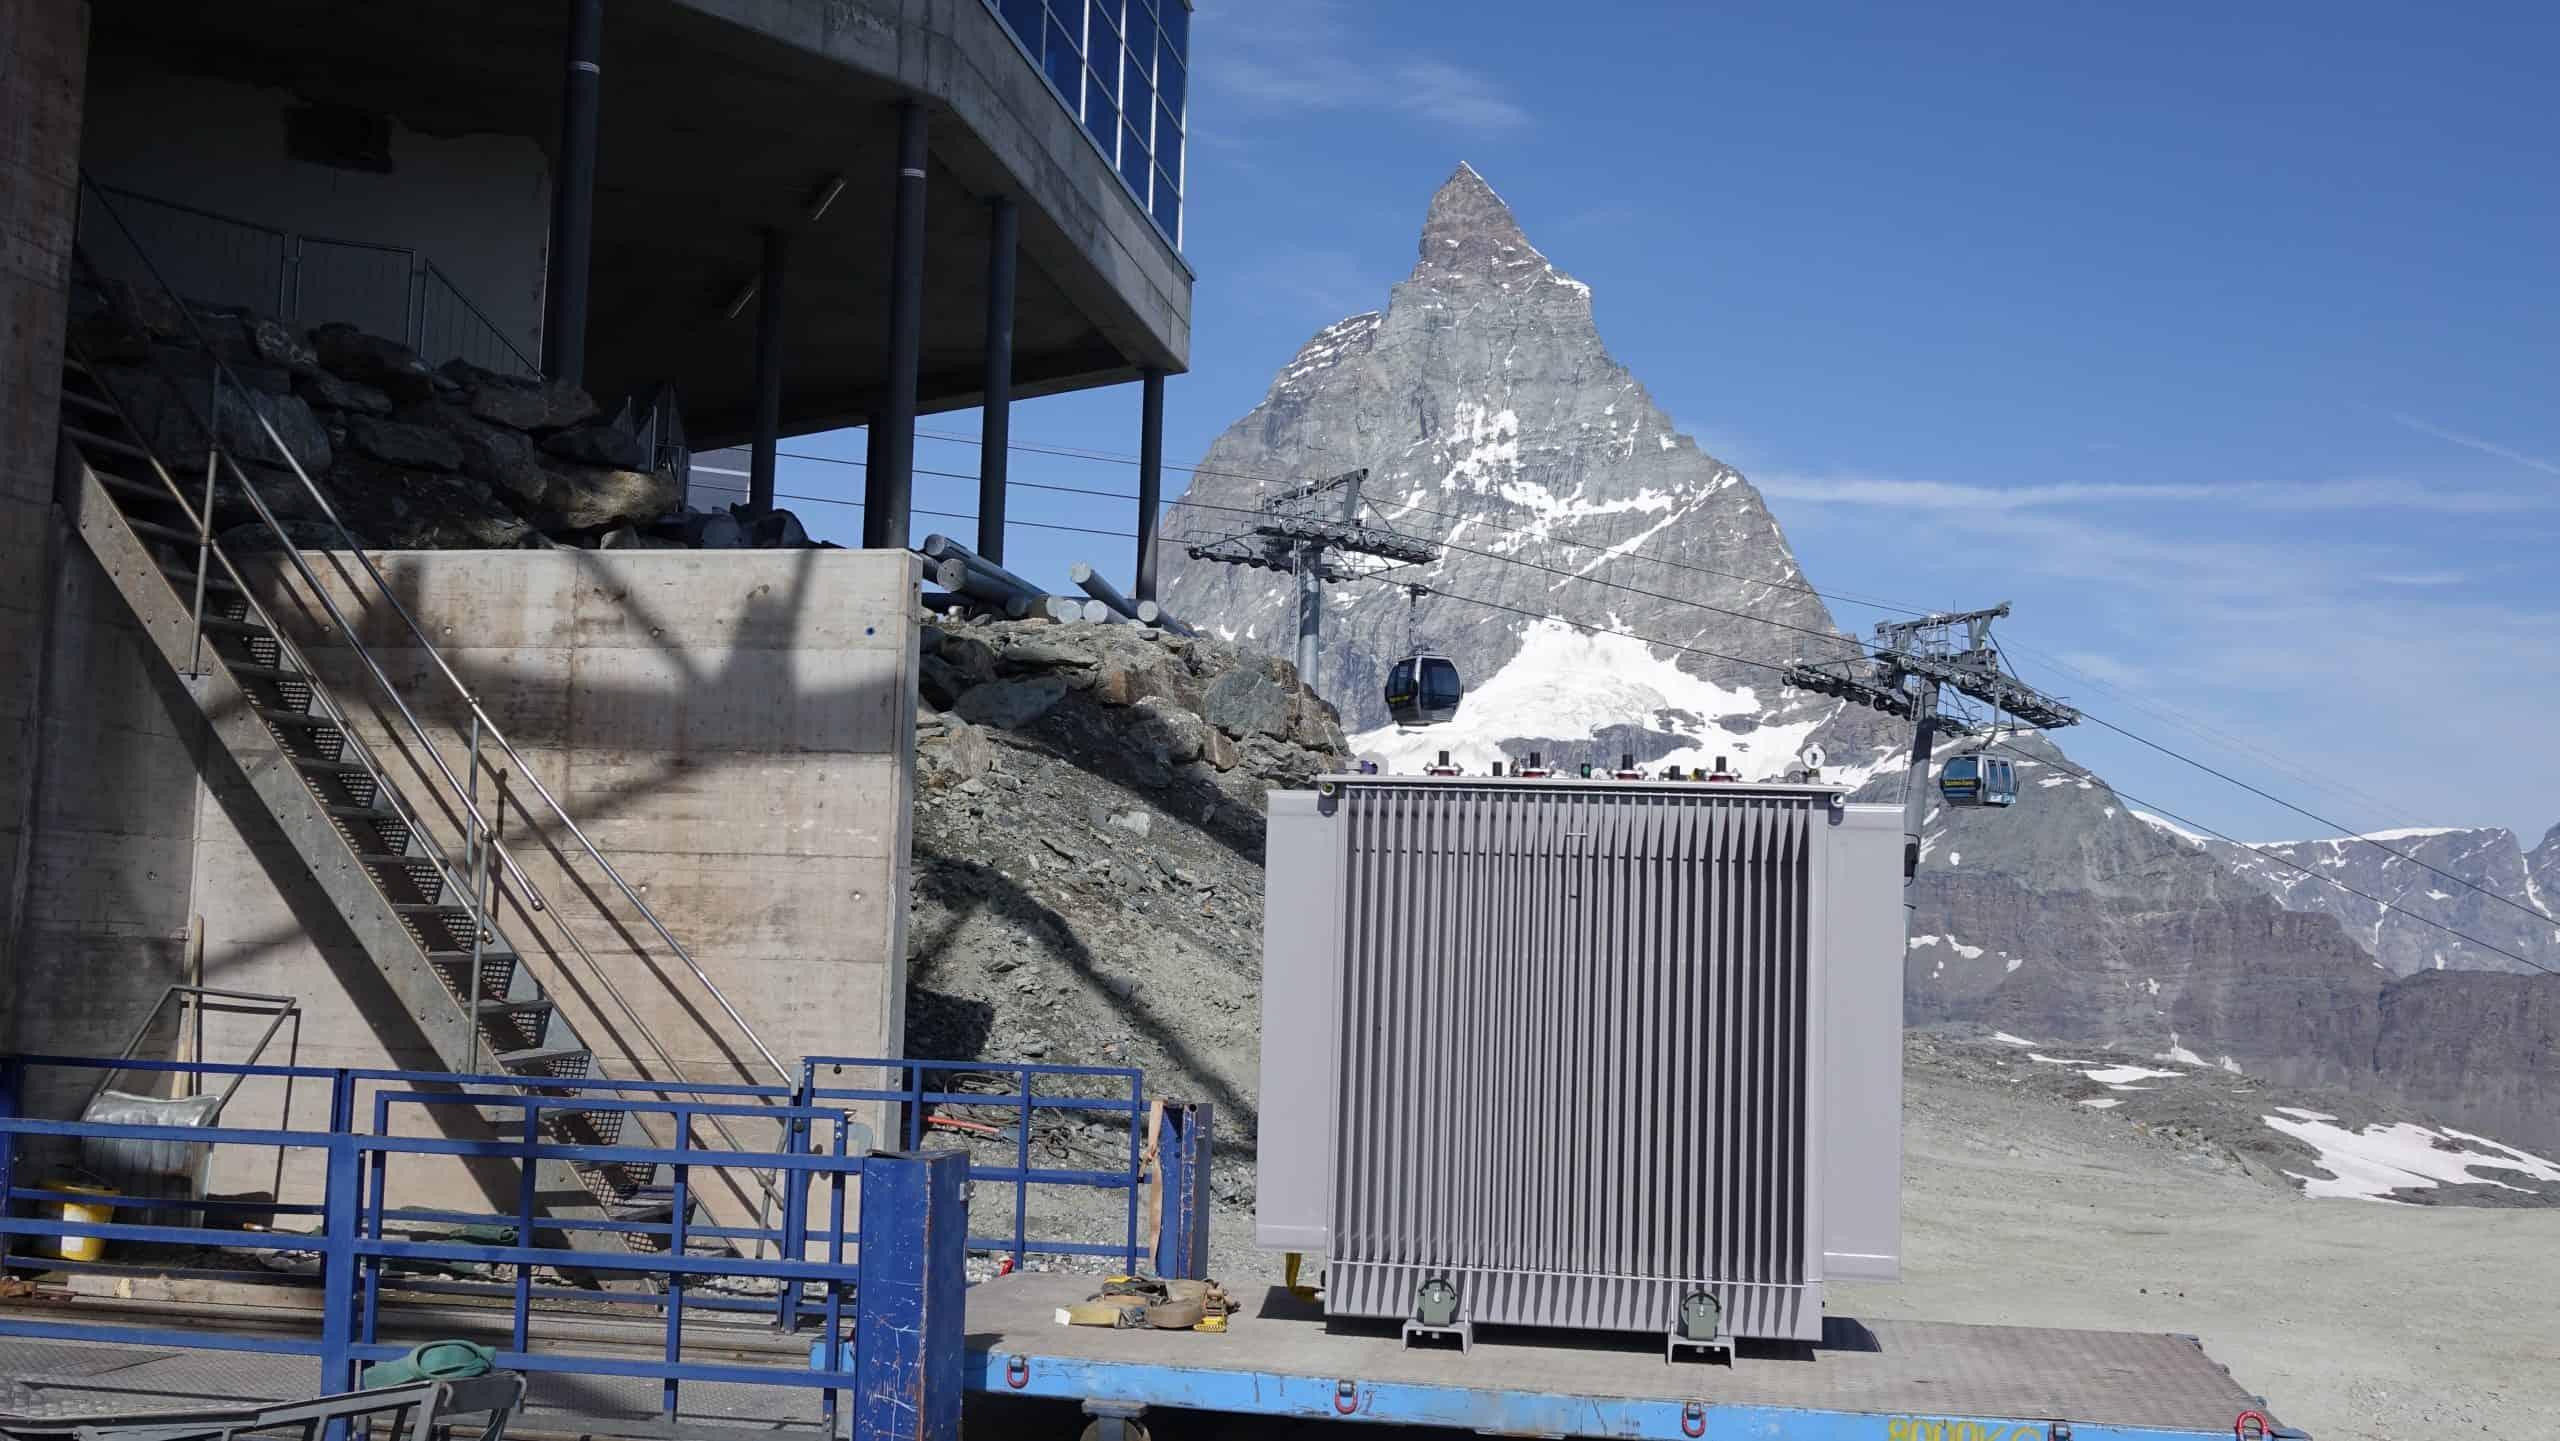 Transformer installation Matterhorn region Switzerland